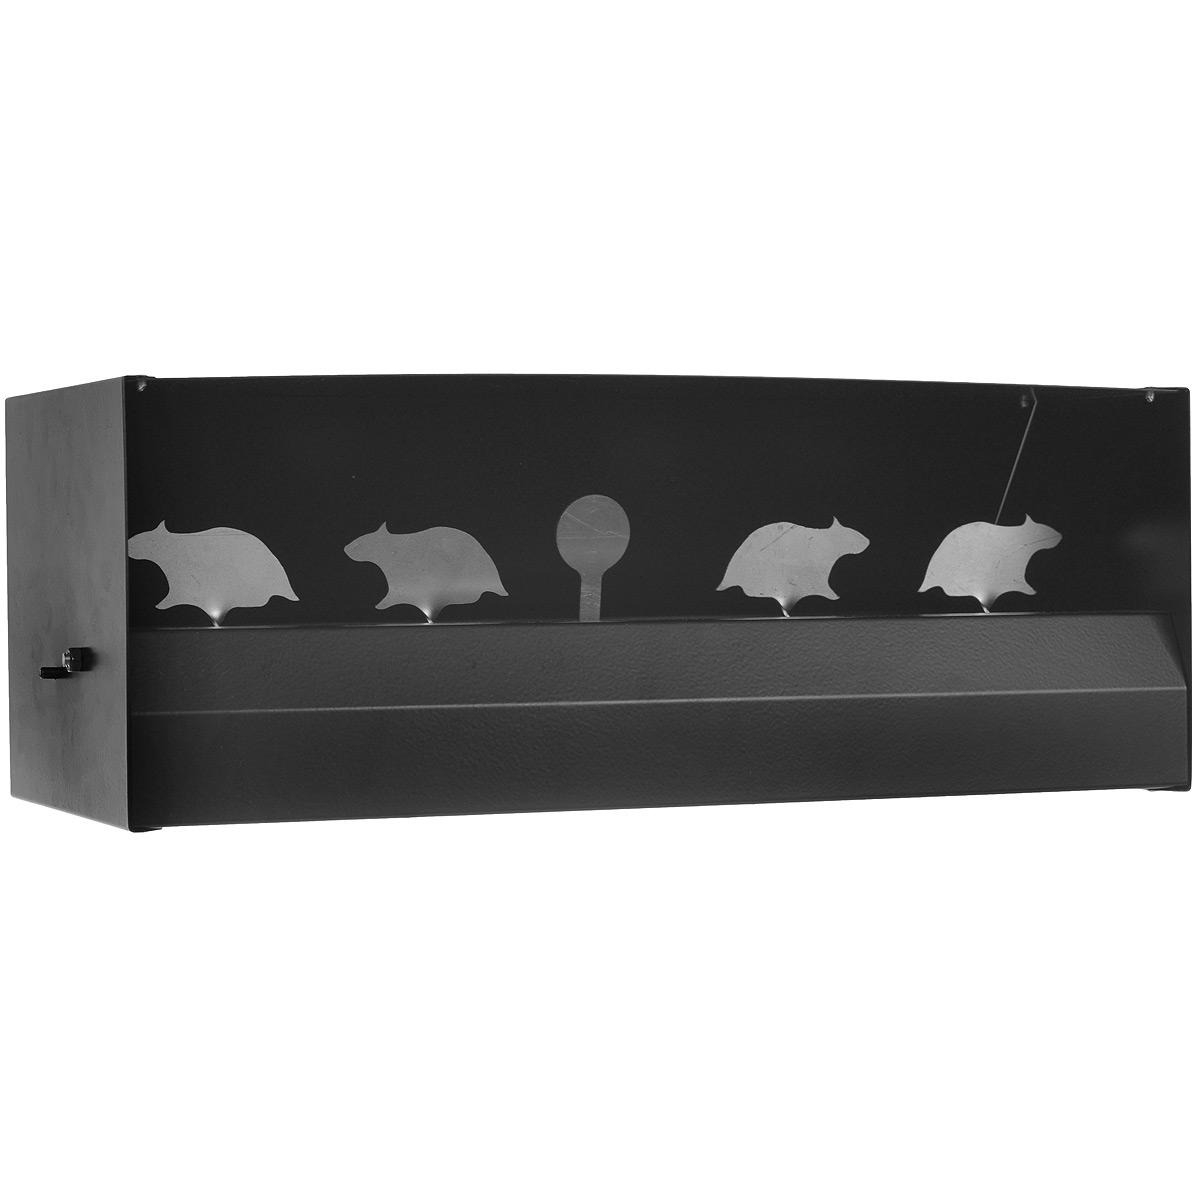 """Мишень-пулеуловитель """"4 крысы"""" - это оригинальный магнитный мини-тир. Предназначен для стрельбы из пневматического оружия. Выполнен из стали. Схема работы: выбиваете 4-х крыс, они пропадают, далее целитесь в кружок, при попадании в него крысы снова появляются в тире. Возврат товара возможен только при наличии заключения сервисного центра. Время работы сервисного центра:  Пн-чт: 10.00-18.00 Пт: 10.00- 17.00 Сб, Вс: выходные дни Адрес: ООО """"ГАТО"""", 121471, г.Москва, ул. Петра Алексеева, д 12., тел. (495)232-4670, gato@gato.ru"""